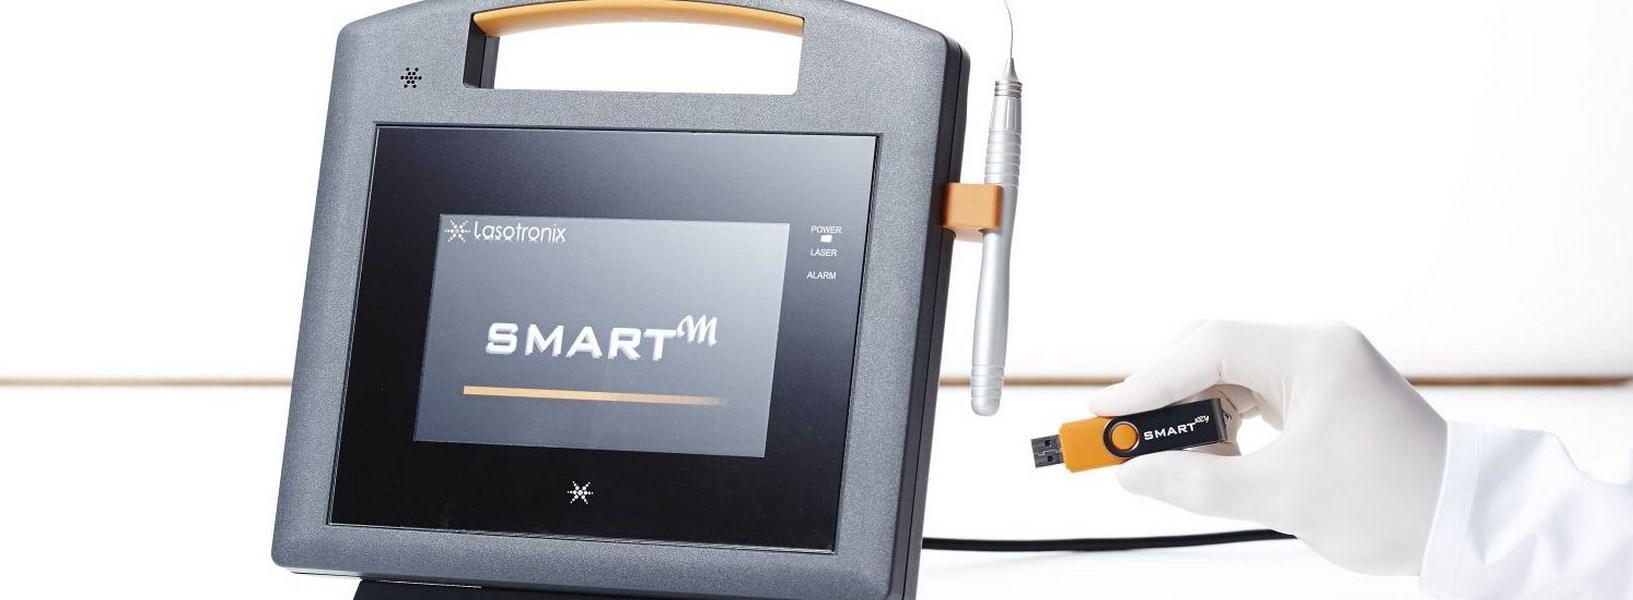 nowoczesne urządzenie stomatologiczne lasotronix